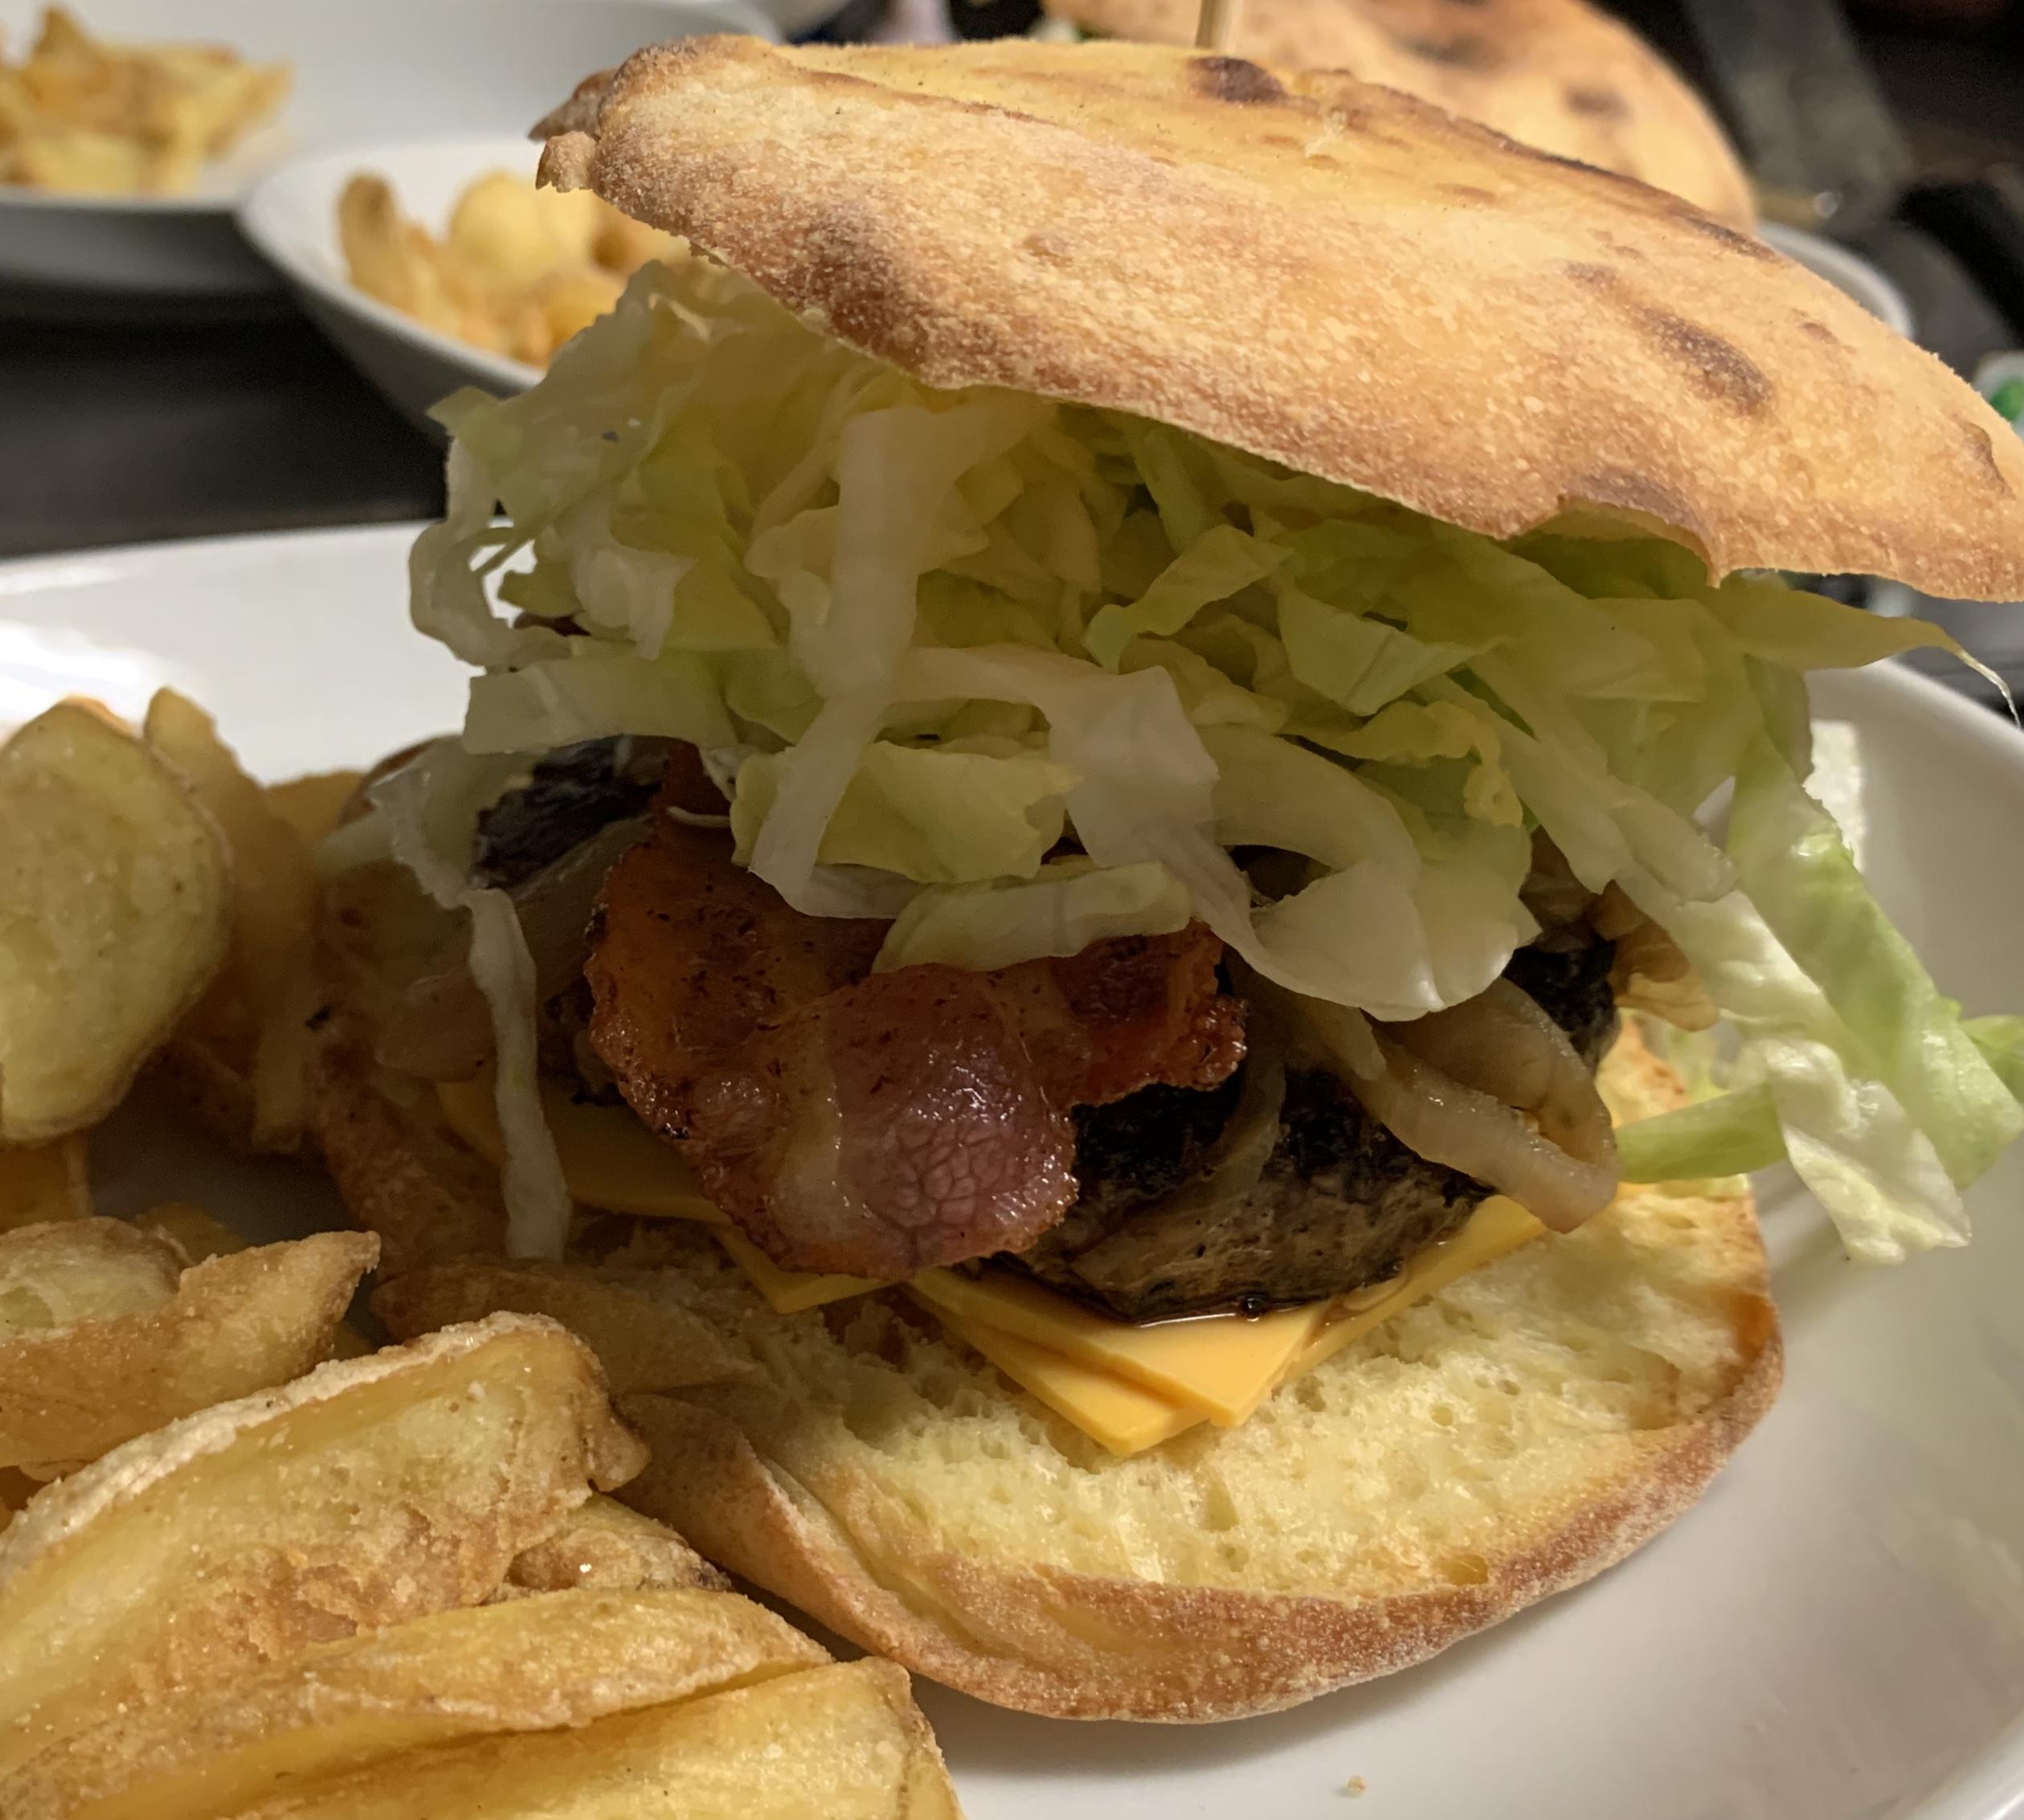 panino-semplice-birritrovo